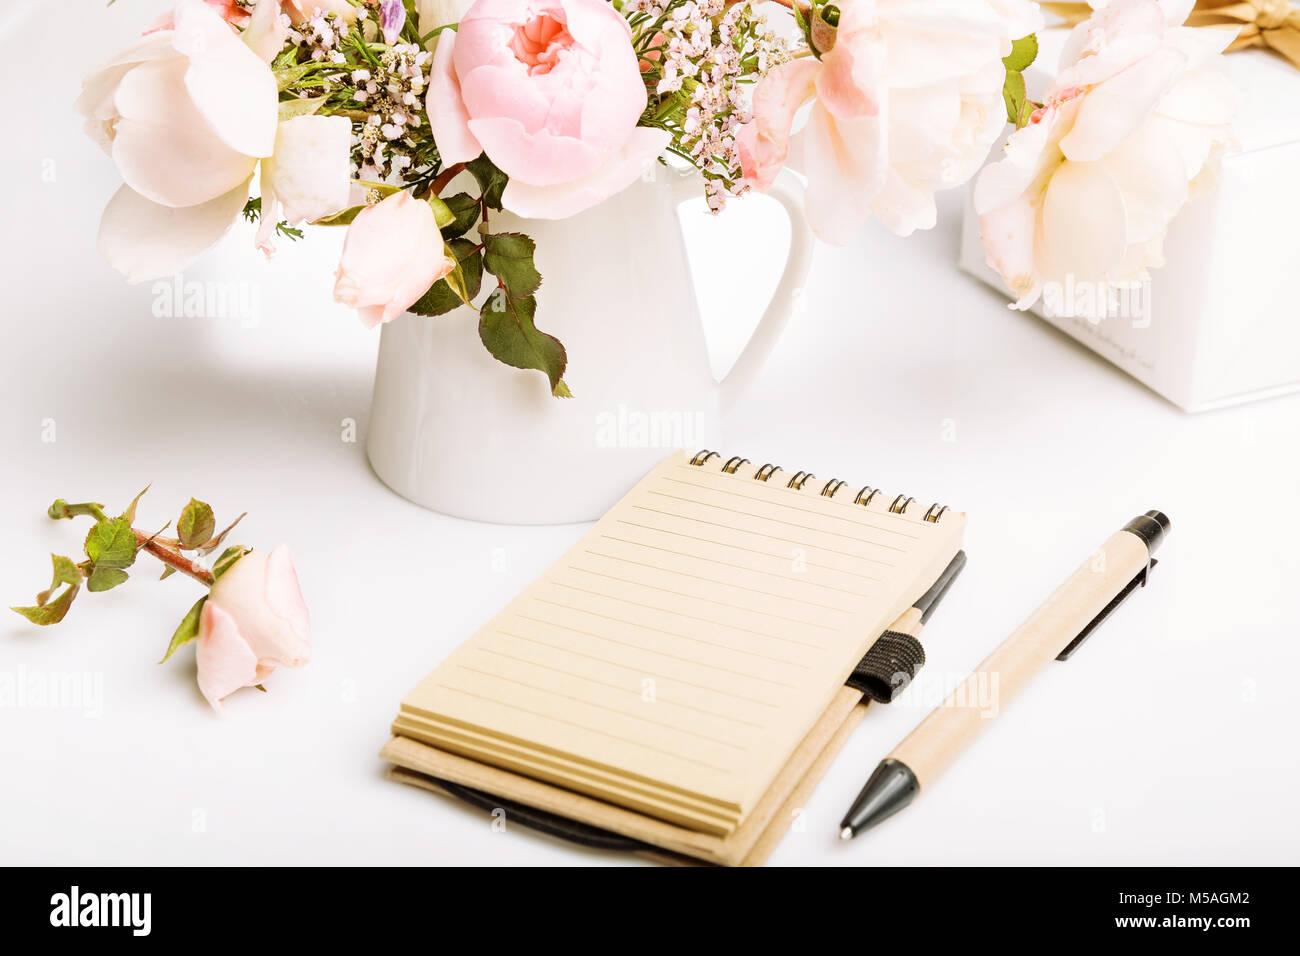 Holiday Card Schone Frische Rosa English Rose Geschenk Notizbuch